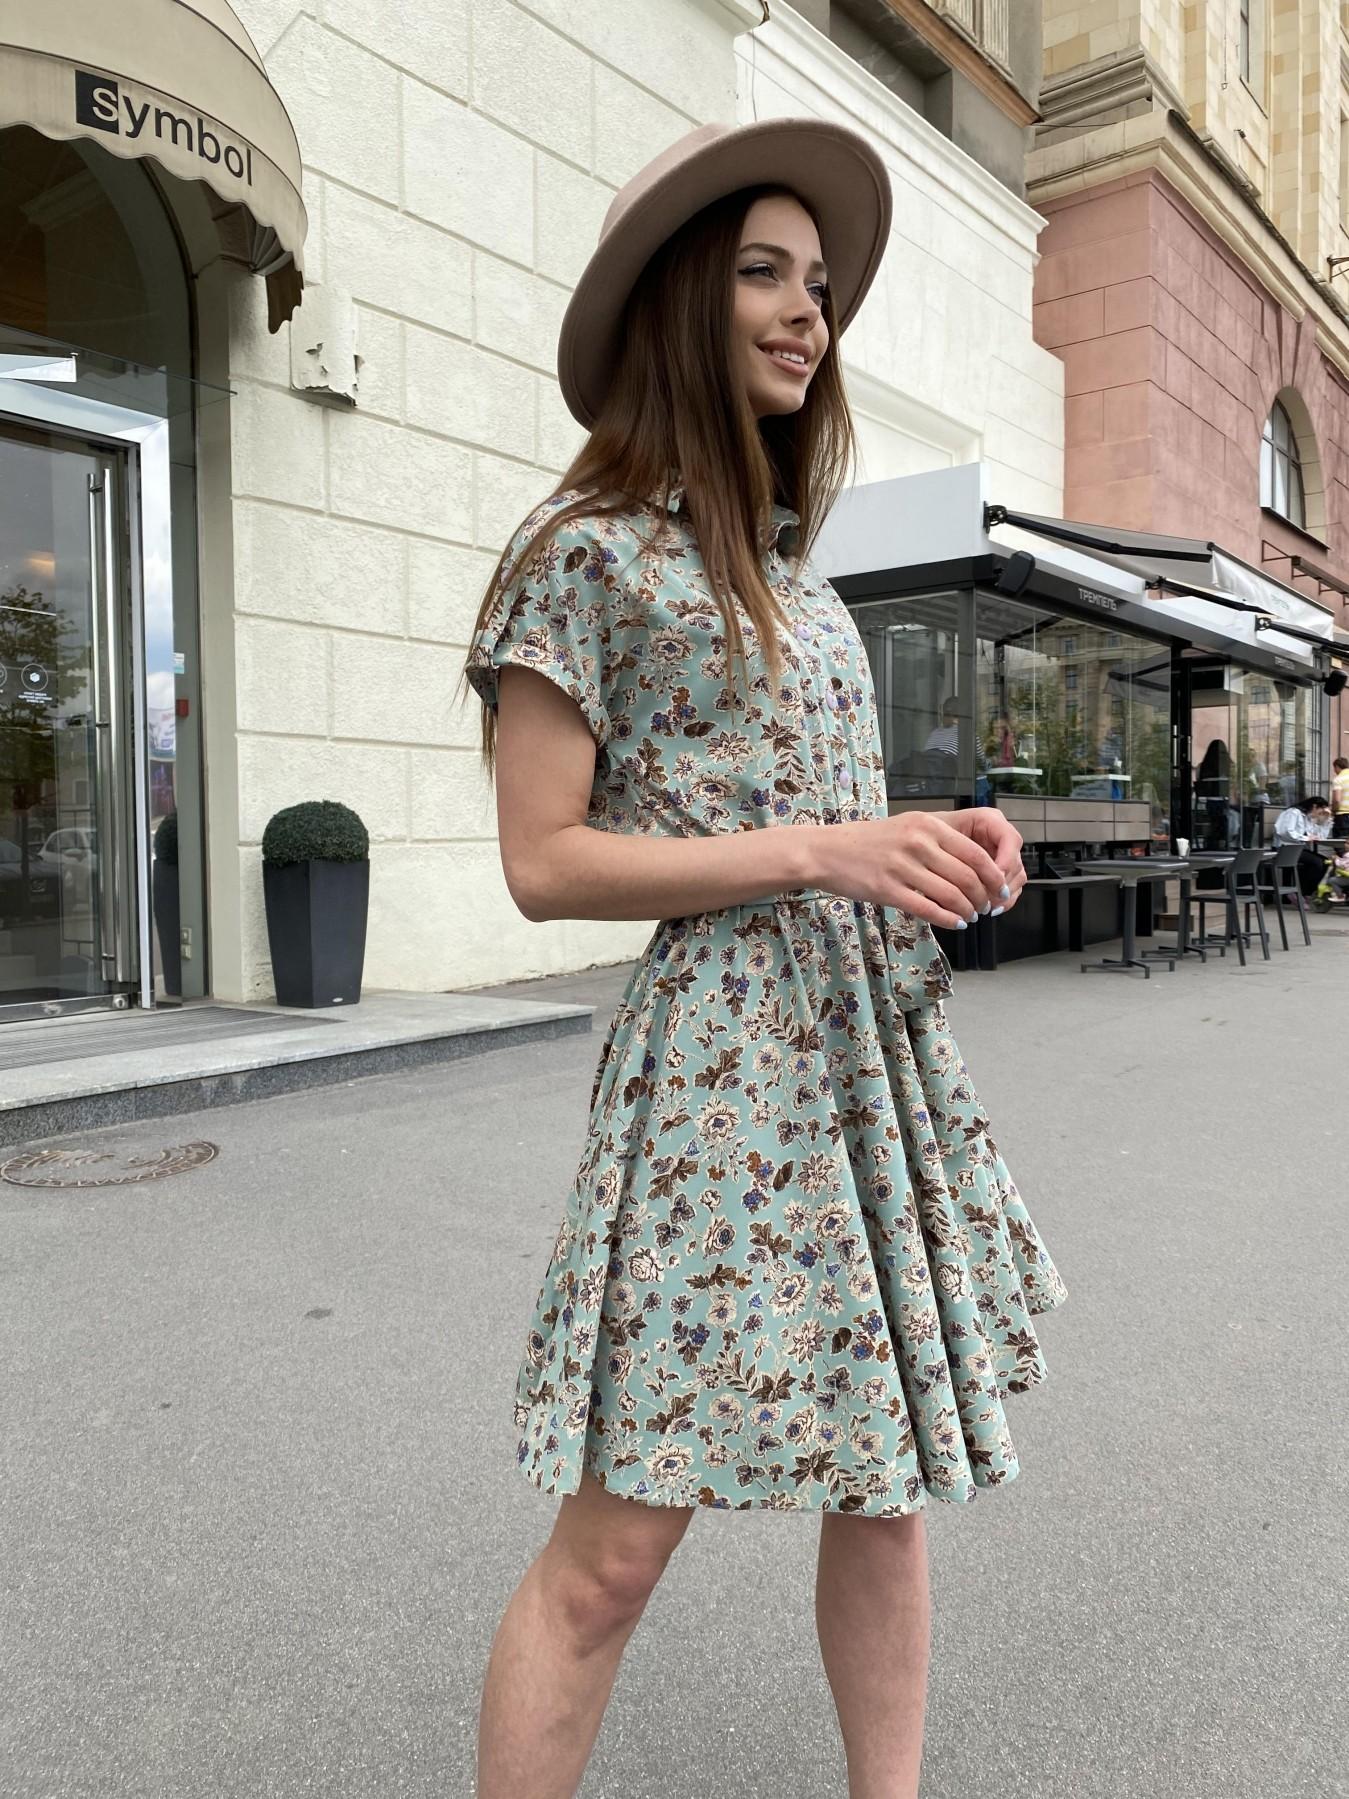 Санжар платье из ткани софт в принт 11215 АРТ. 47727 Цвет: Олива/бежевый, Цветы - фото 3, интернет магазин tm-modus.ru